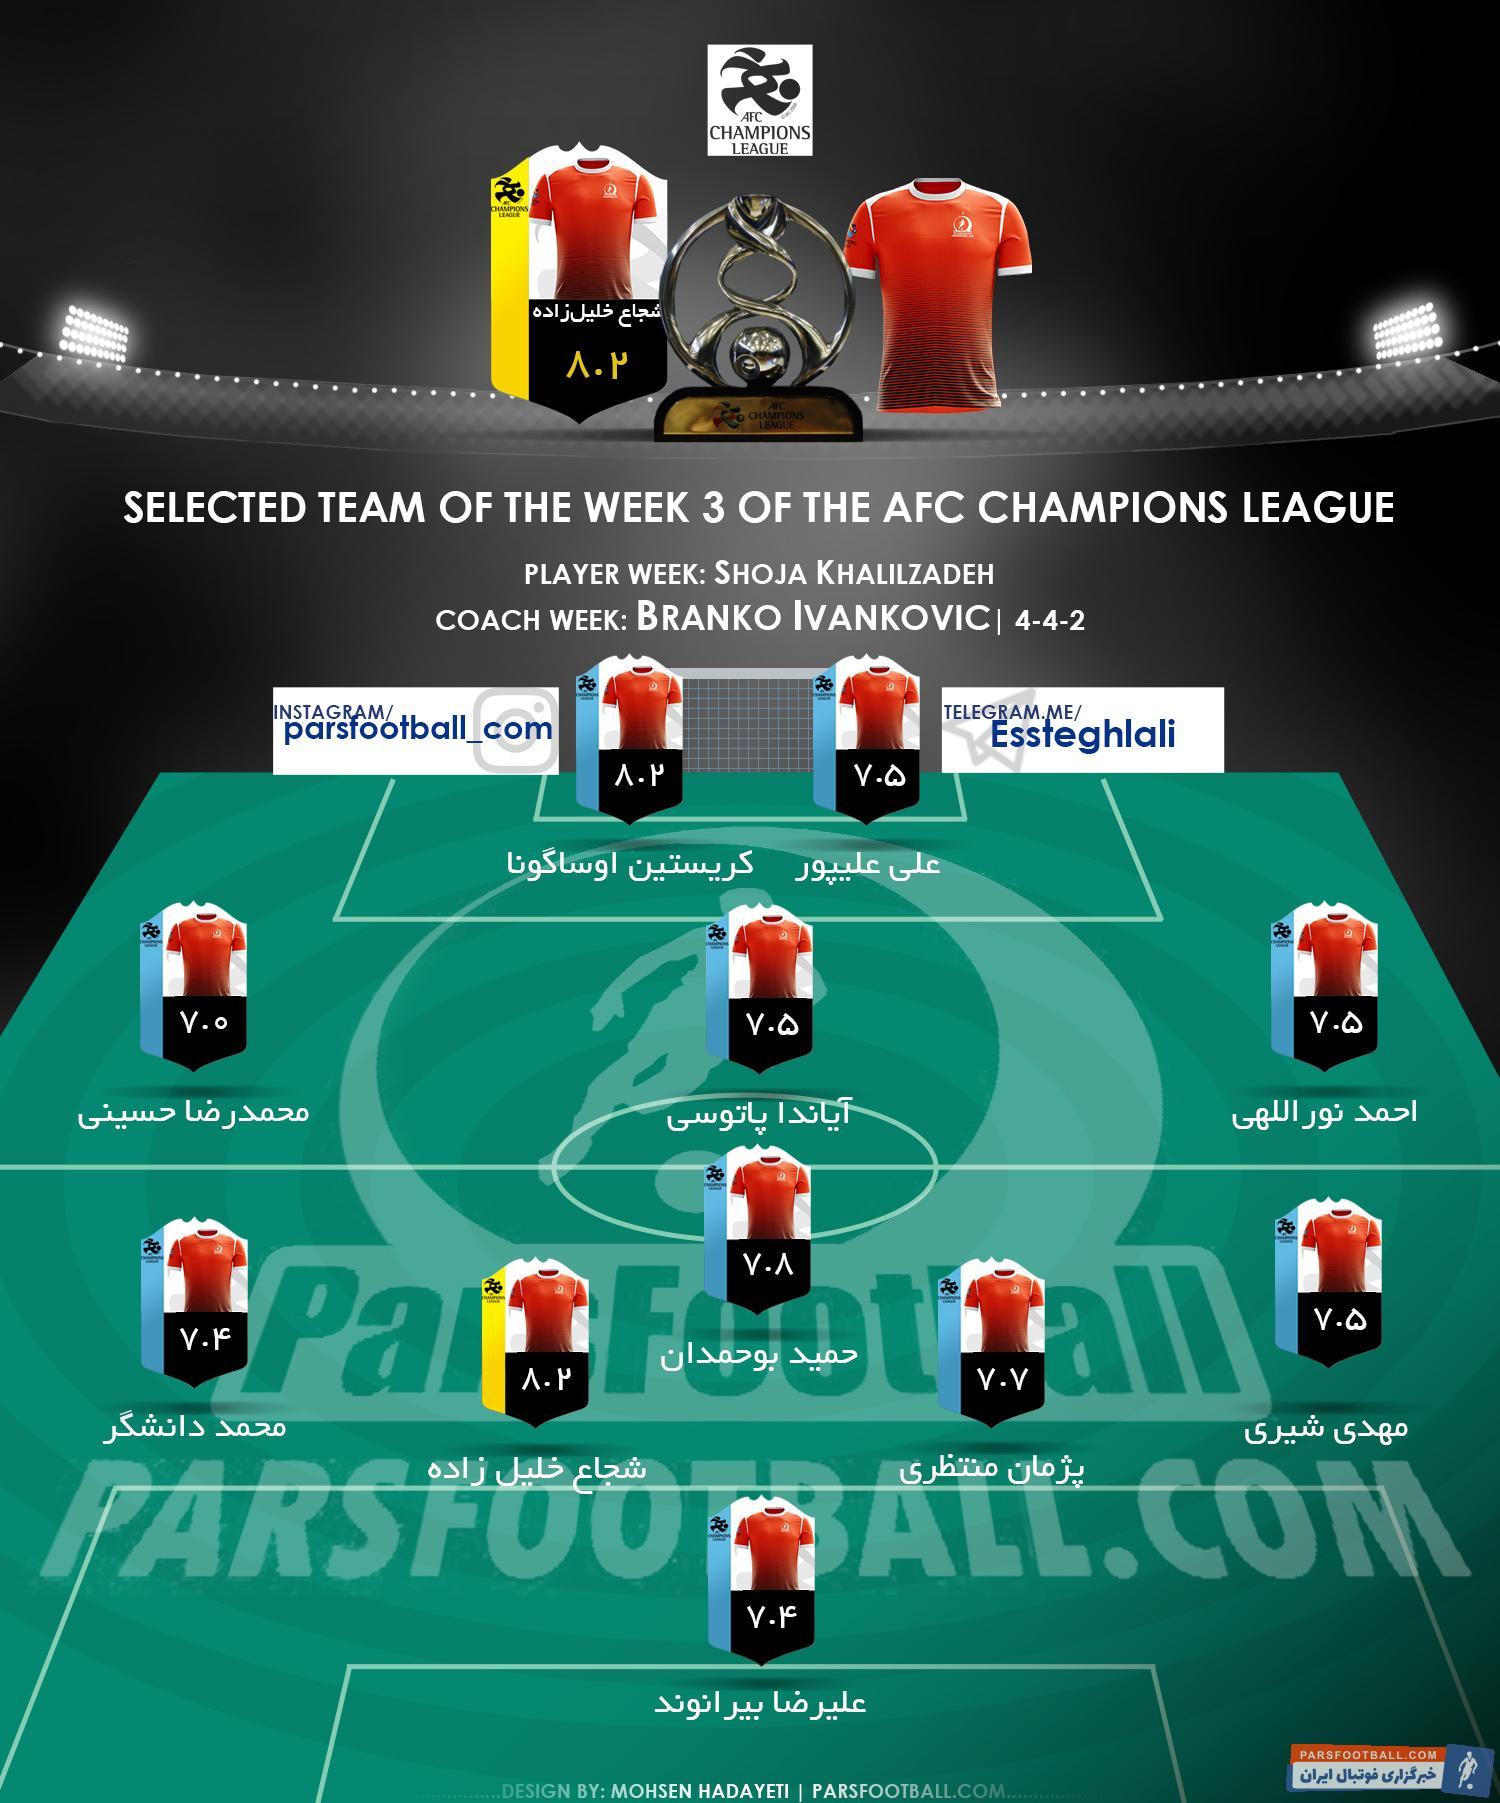 تیم منتخب هفته سوم لیگ قهرمانان آسیا